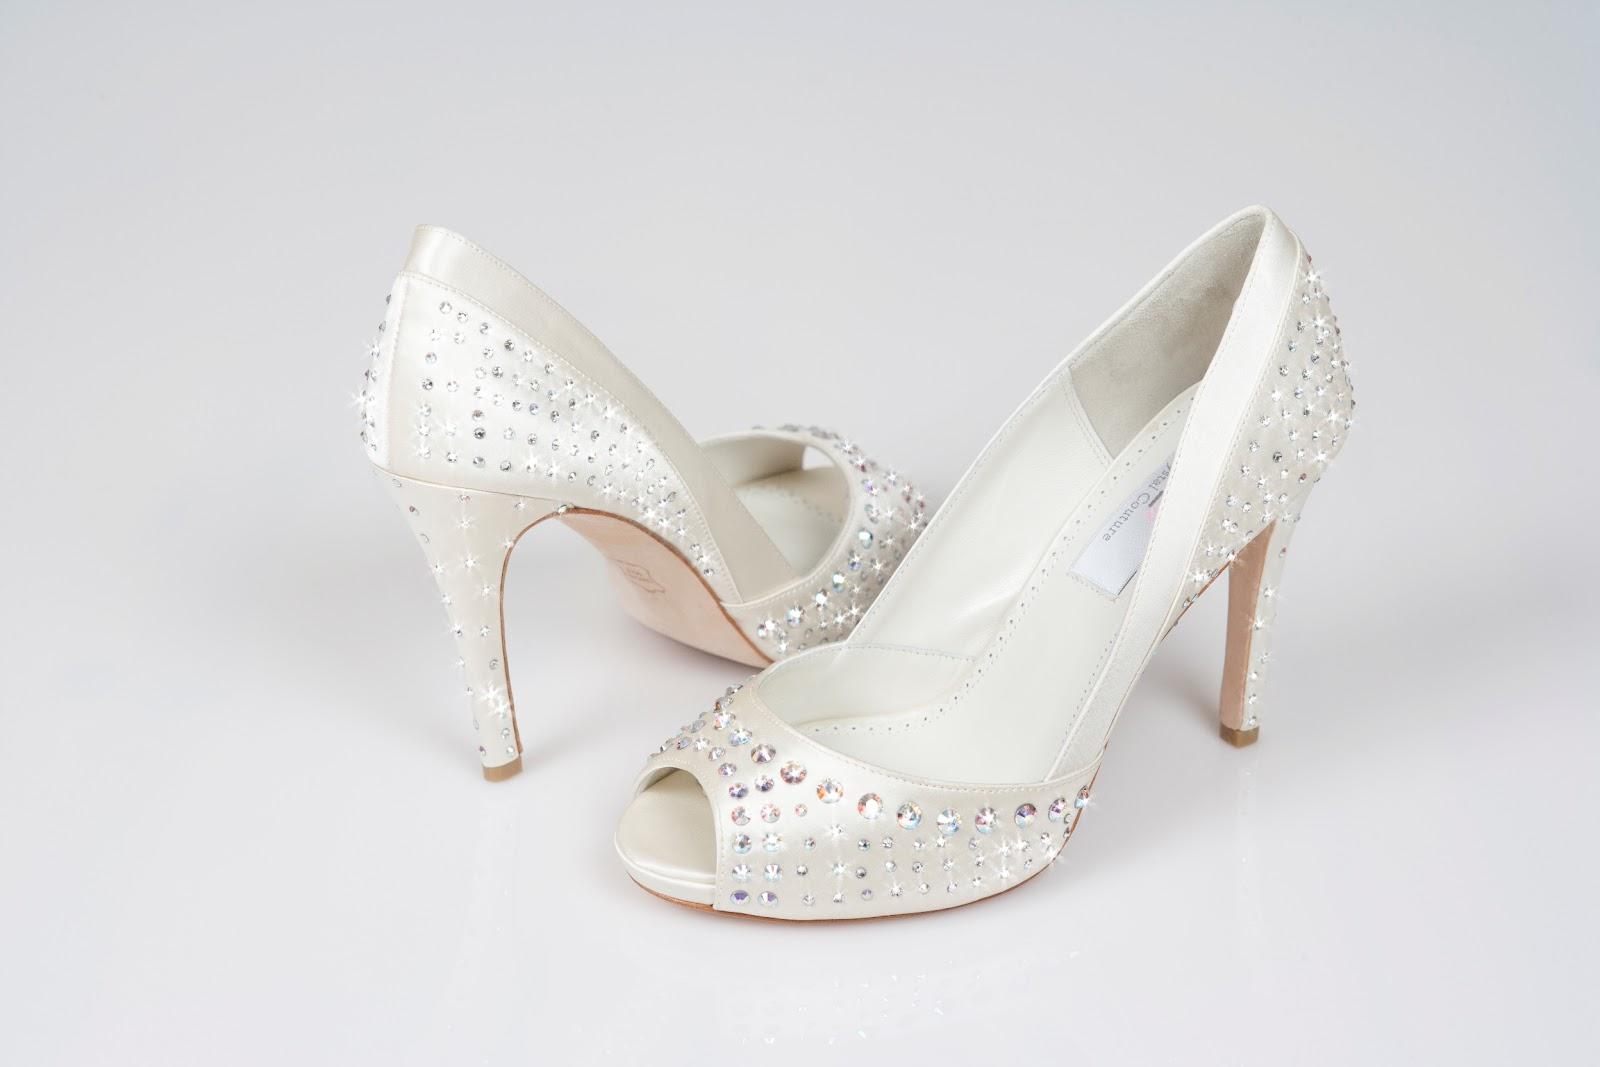 bridal shoes wales uk designer luxury swarovski